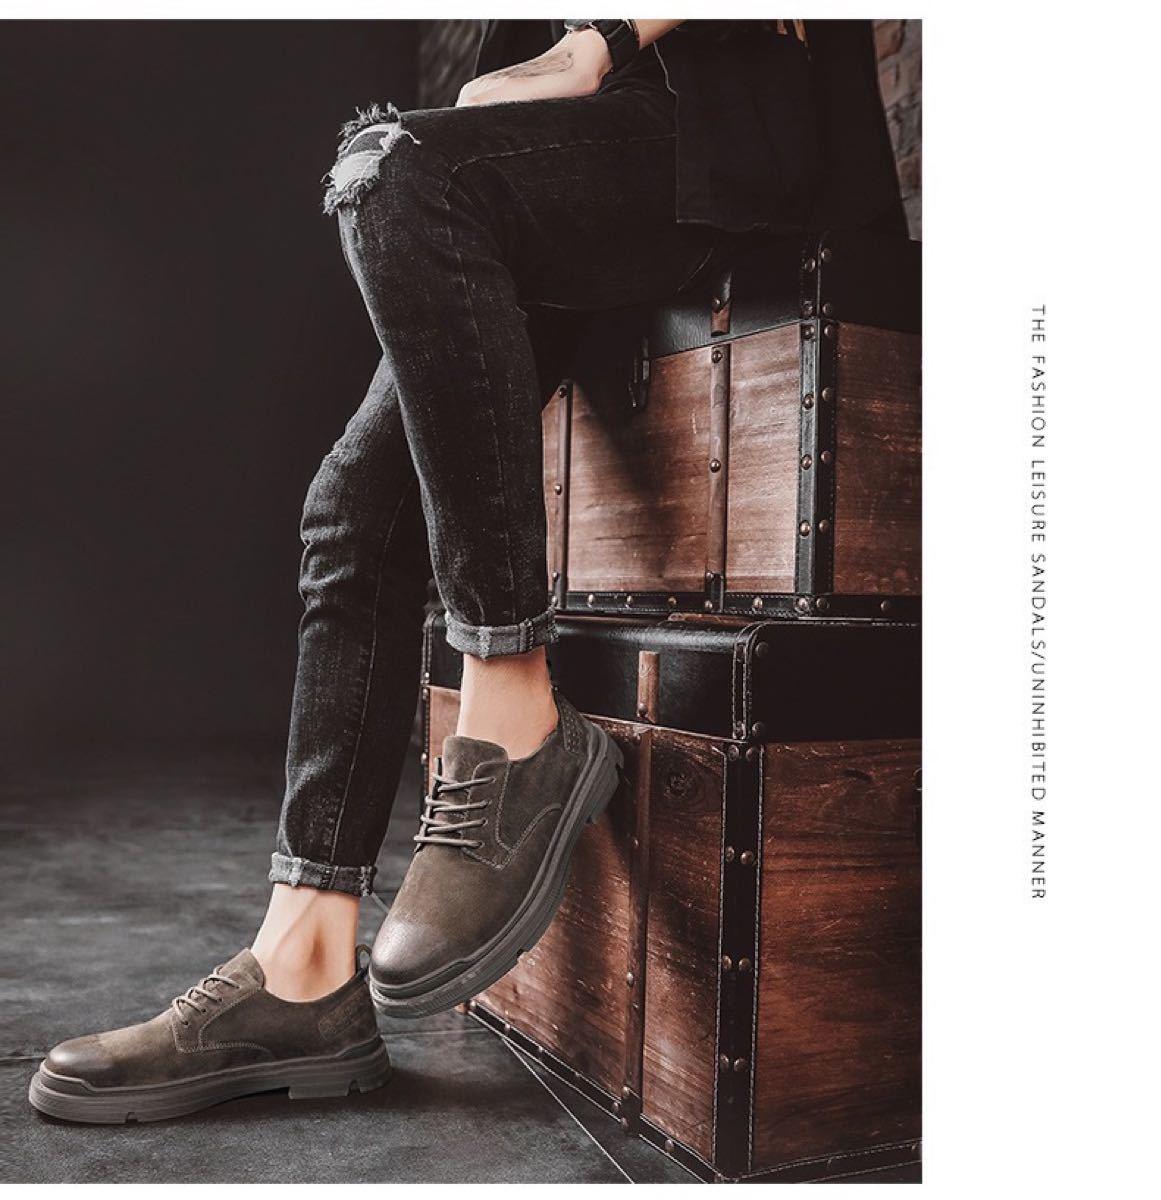 ビジネスシューズ カジュアル メンズスニーカー 本革 カジュアルシューズ 男性用  靴メンズ 紳士シューズ スニーカー 軽量